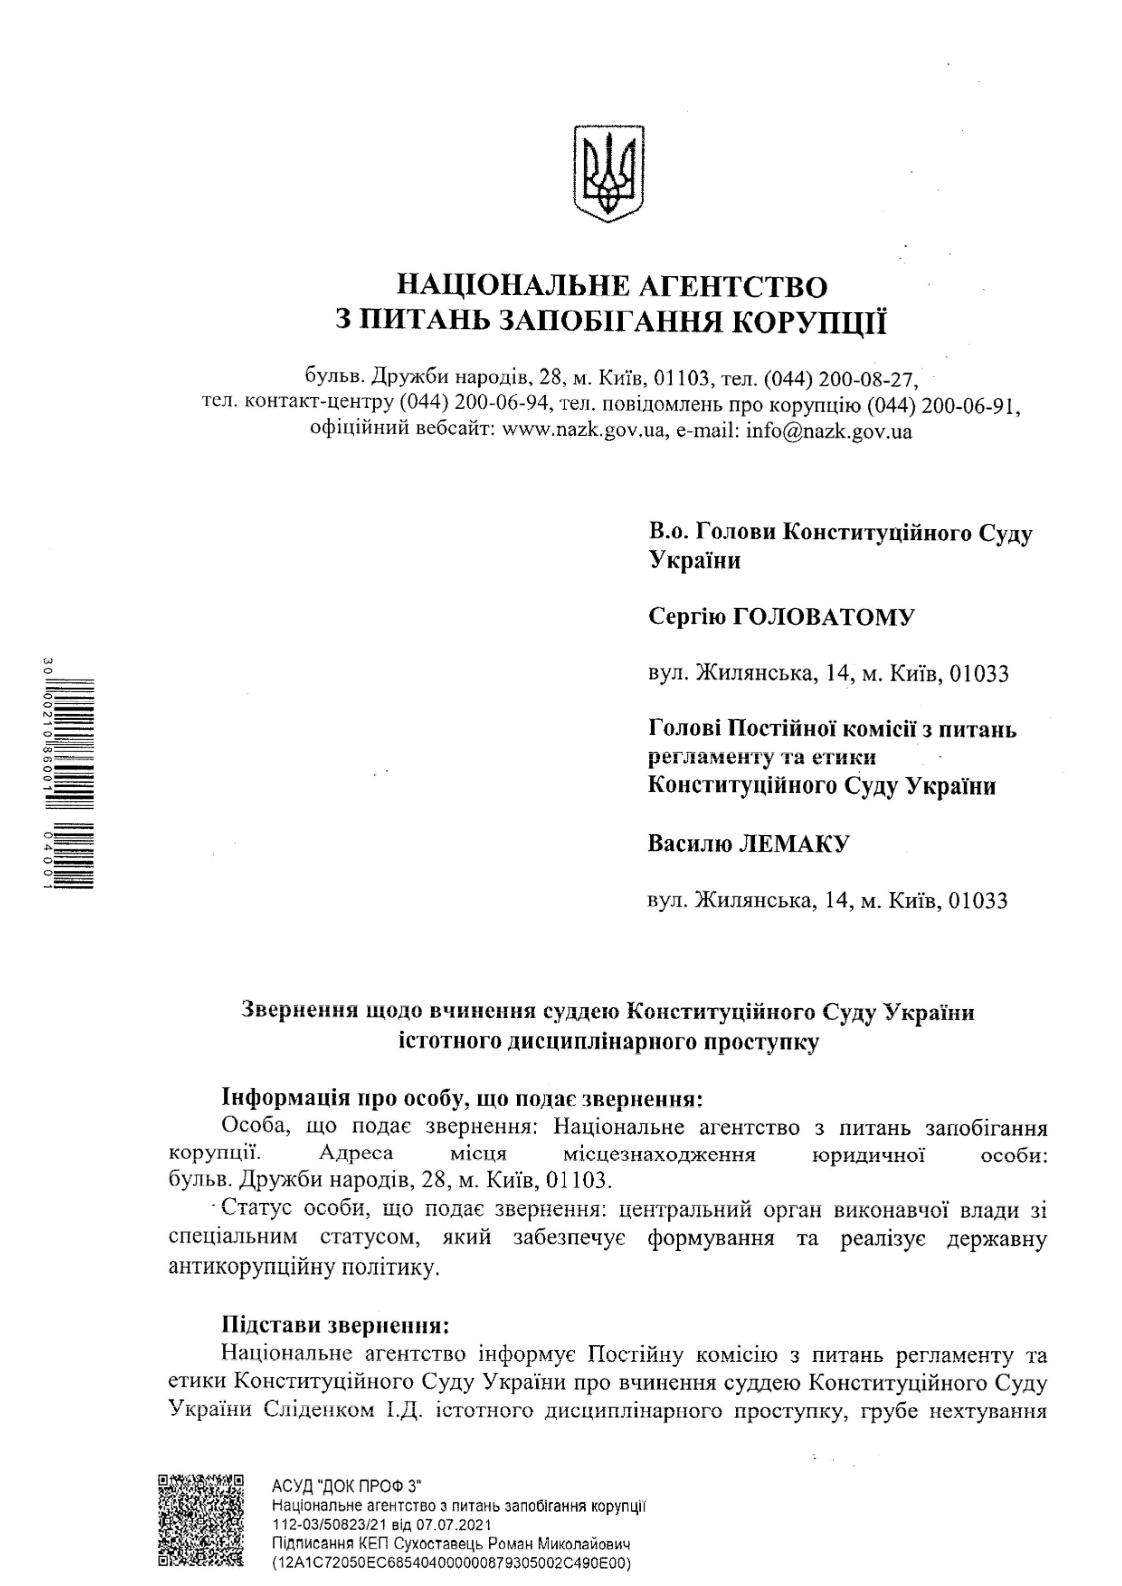 Обращение НАПК относительно совершения судьей Слиденко дисциплинарного проступка